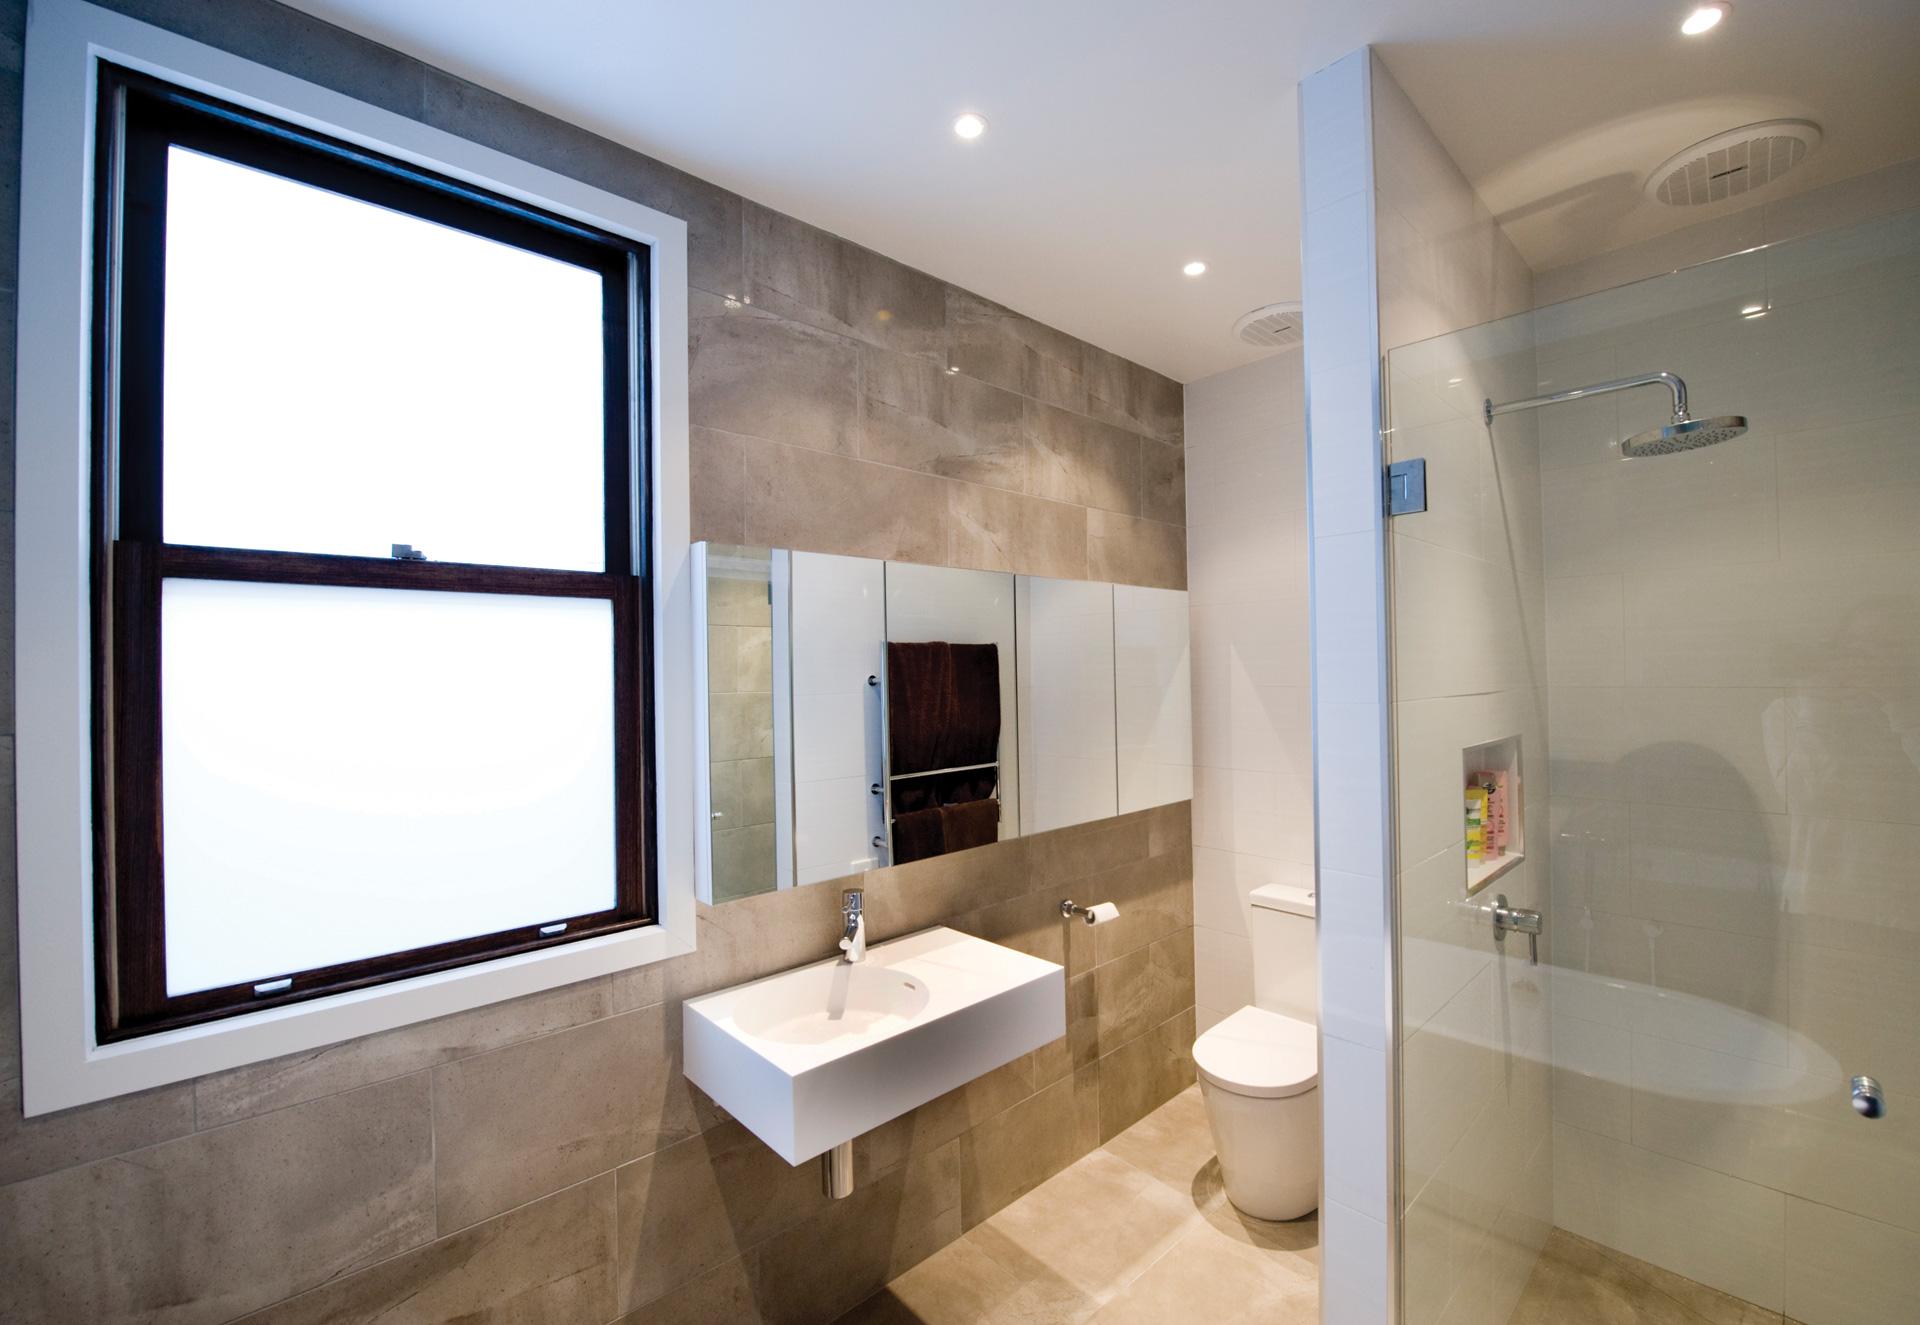 ecobuilt-bathroom-moonee-ponds-2